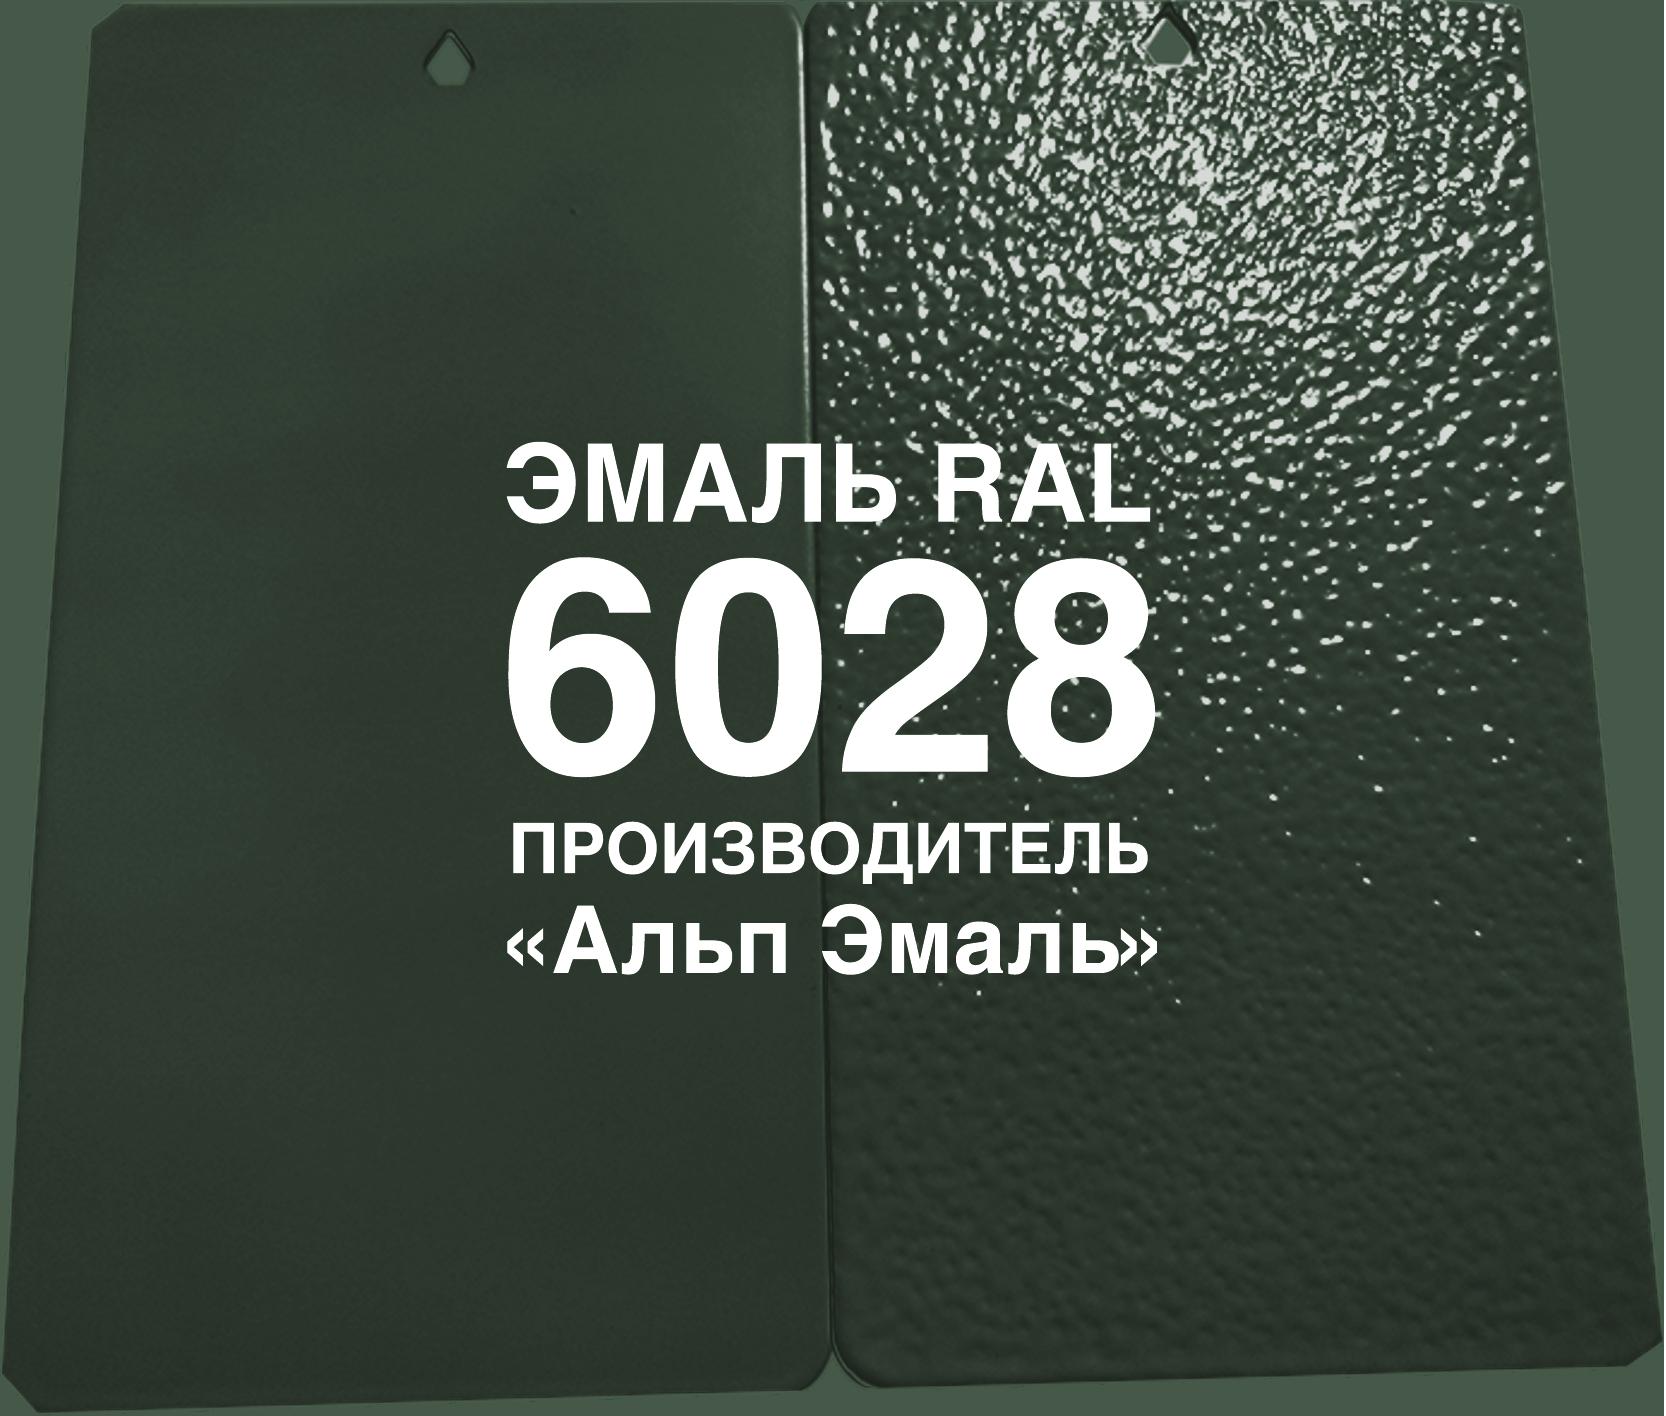 Краска эмаль RAL 6028 зеленая ЗАО Альп Эмаль